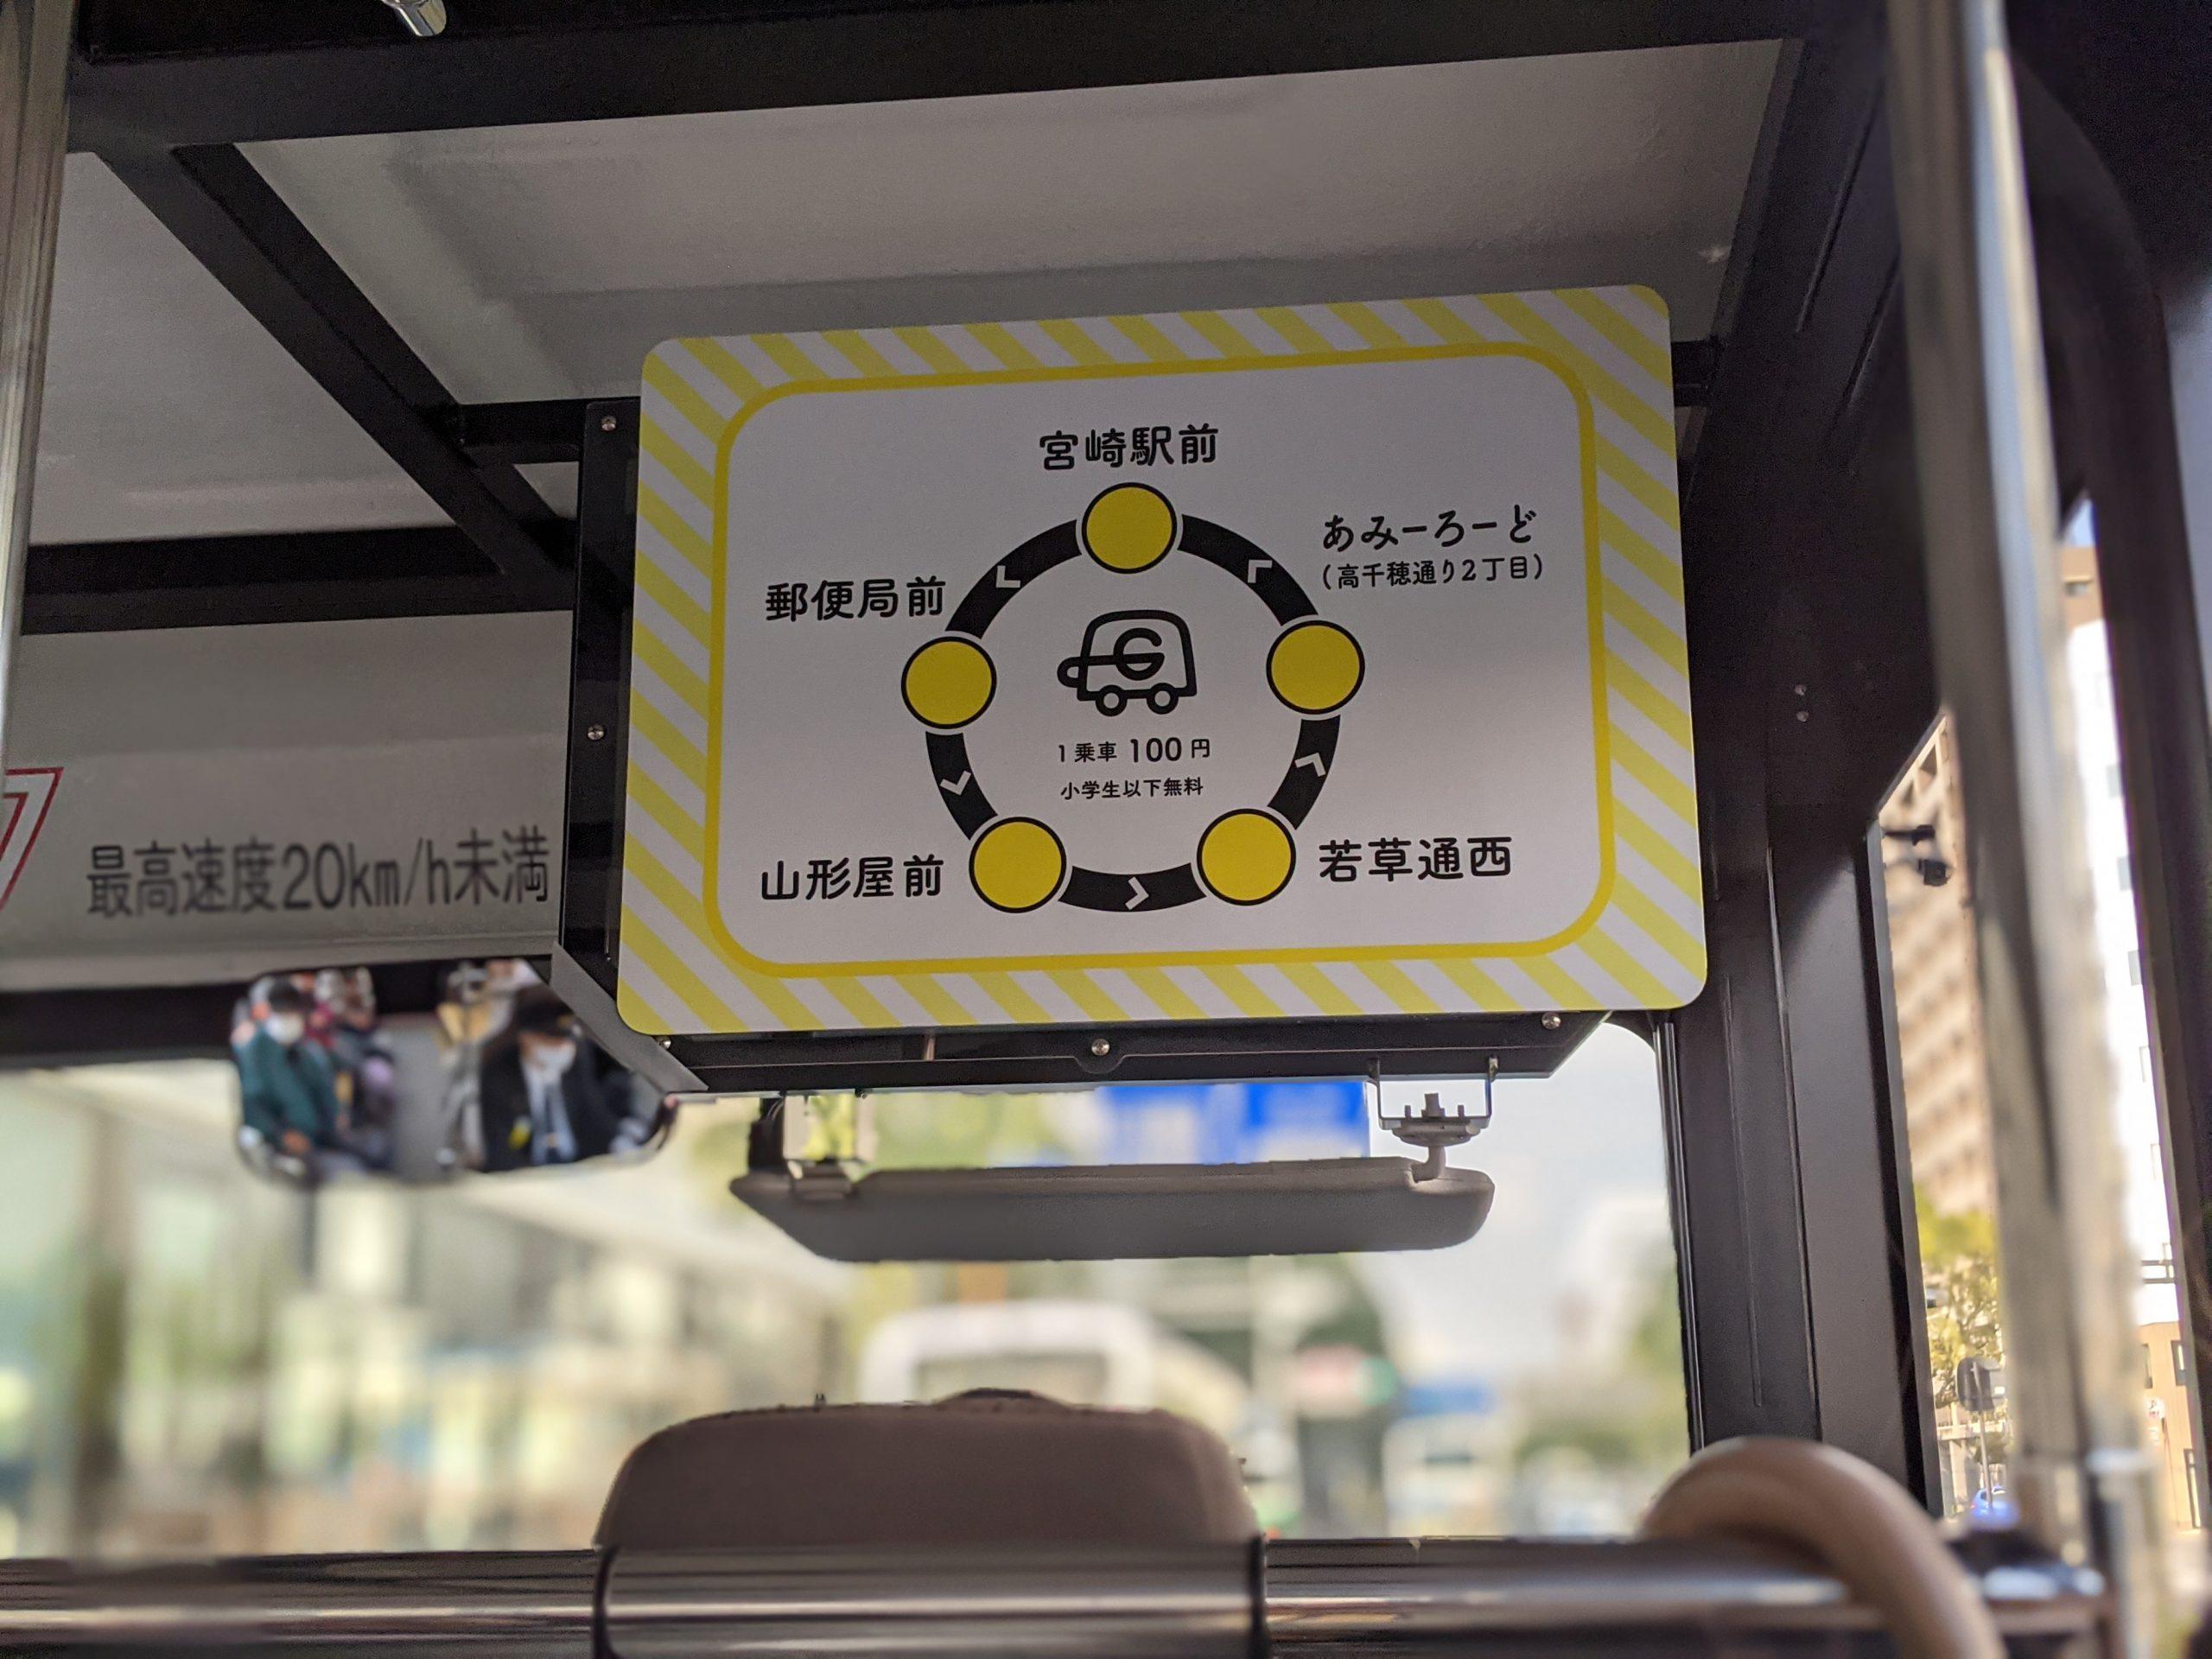 電動バスの料金(100円)と行き先